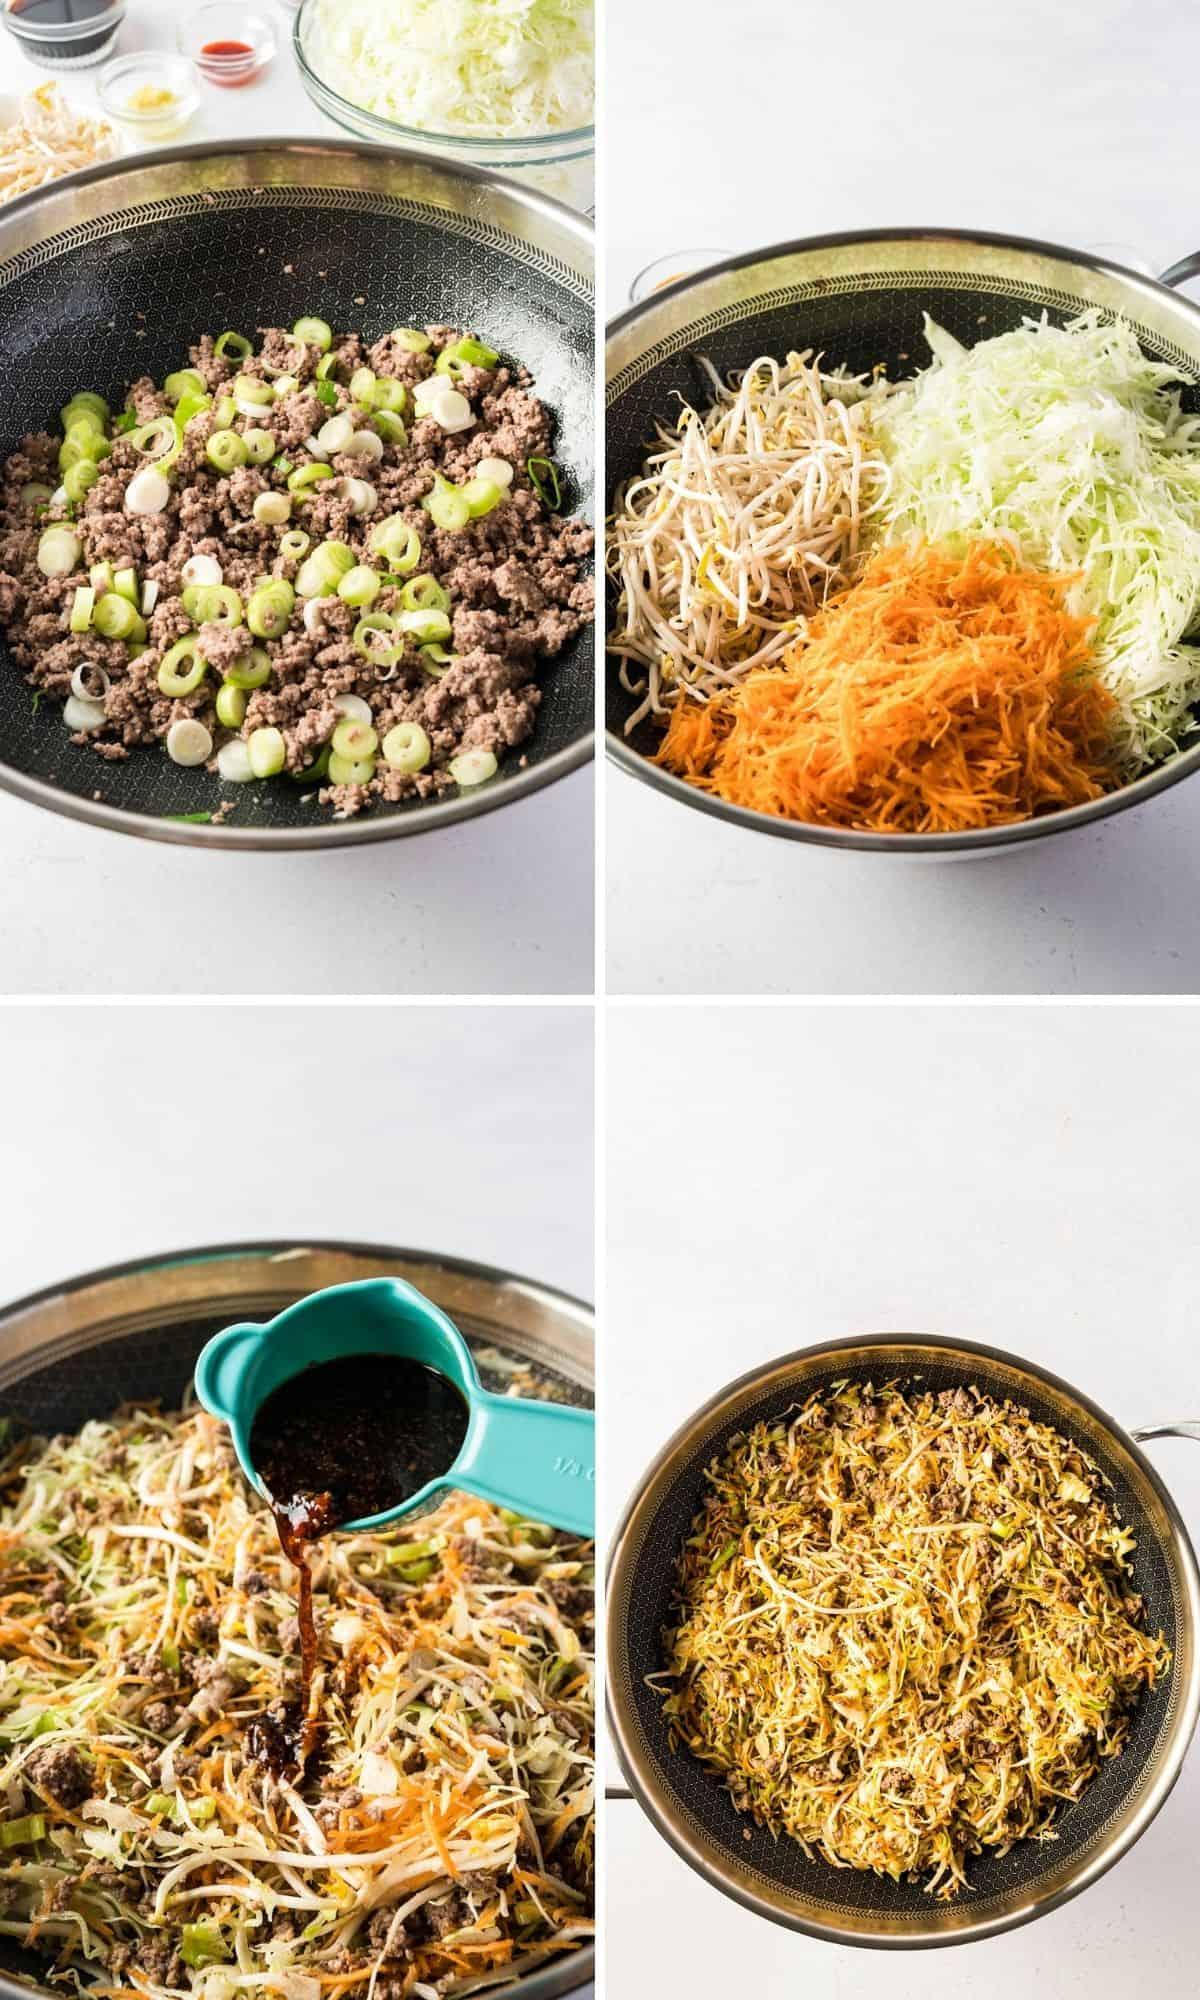 4 fotos der Zubereitungsschritte für die Eggroll bowl